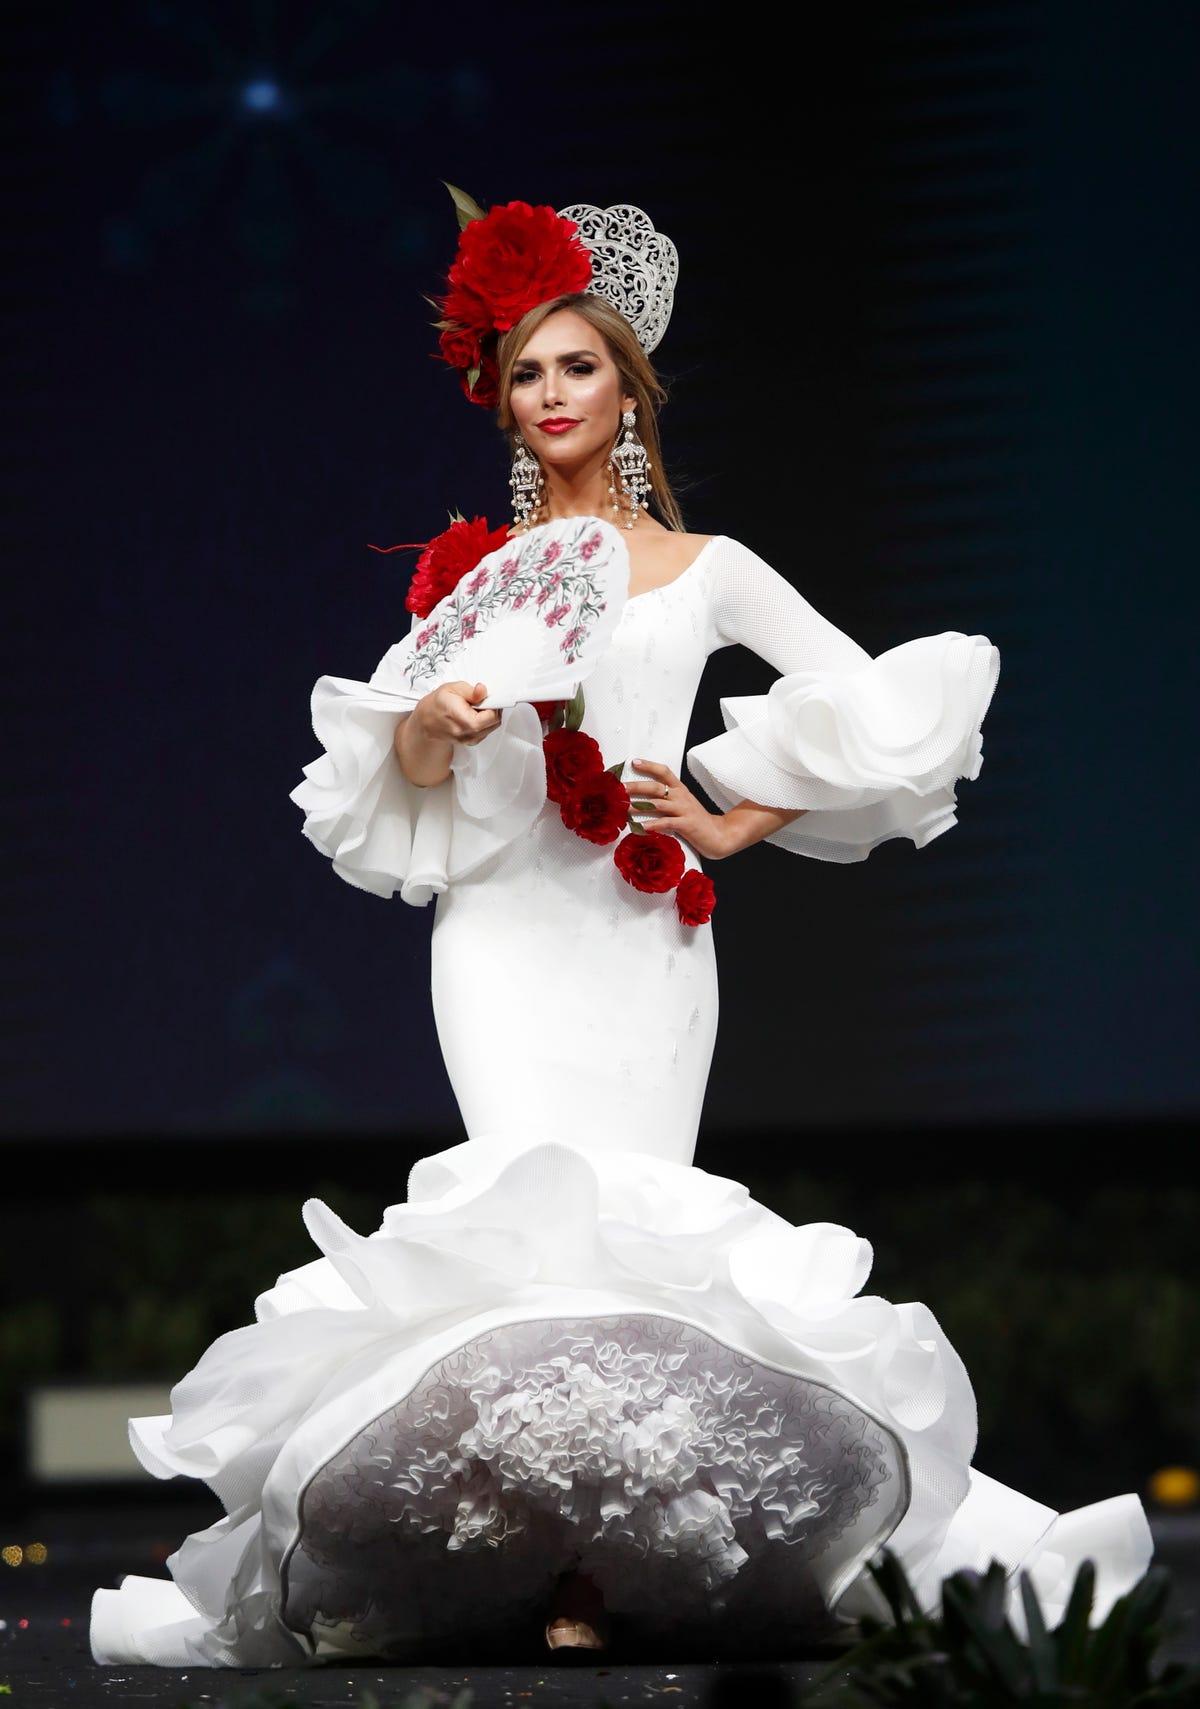 Miss Curacao 2020